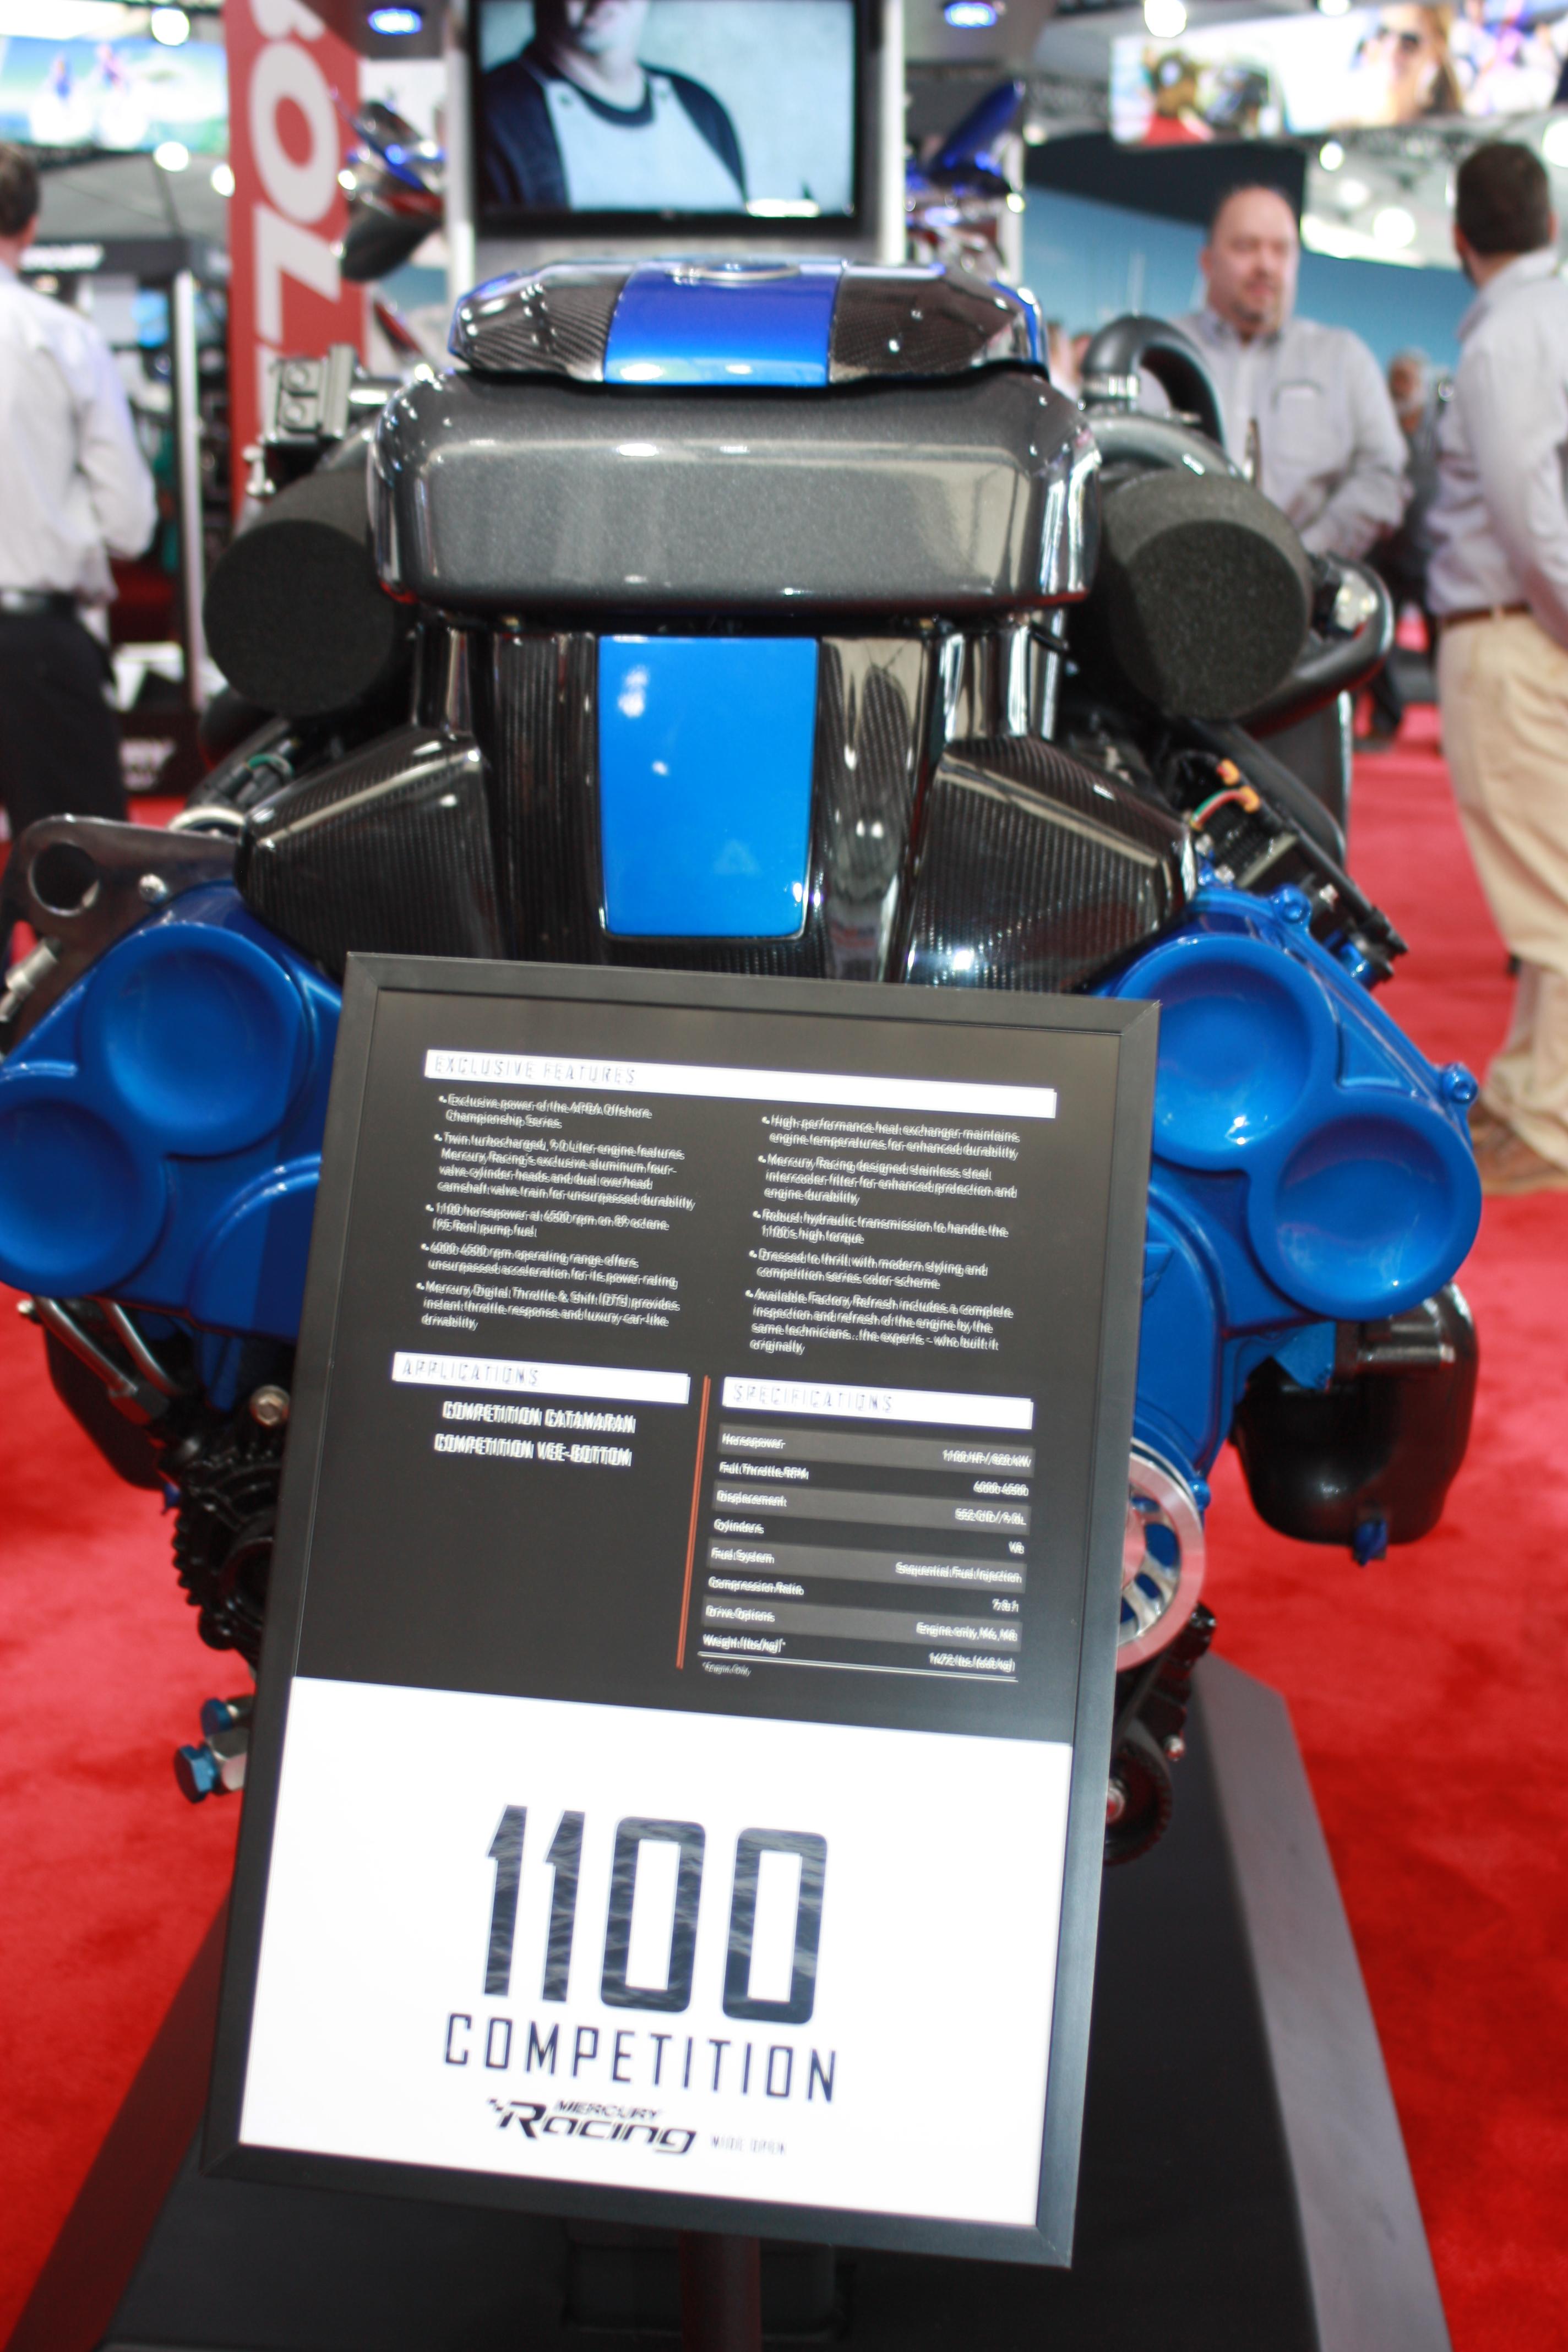 14 merc 1100 comp.JPG